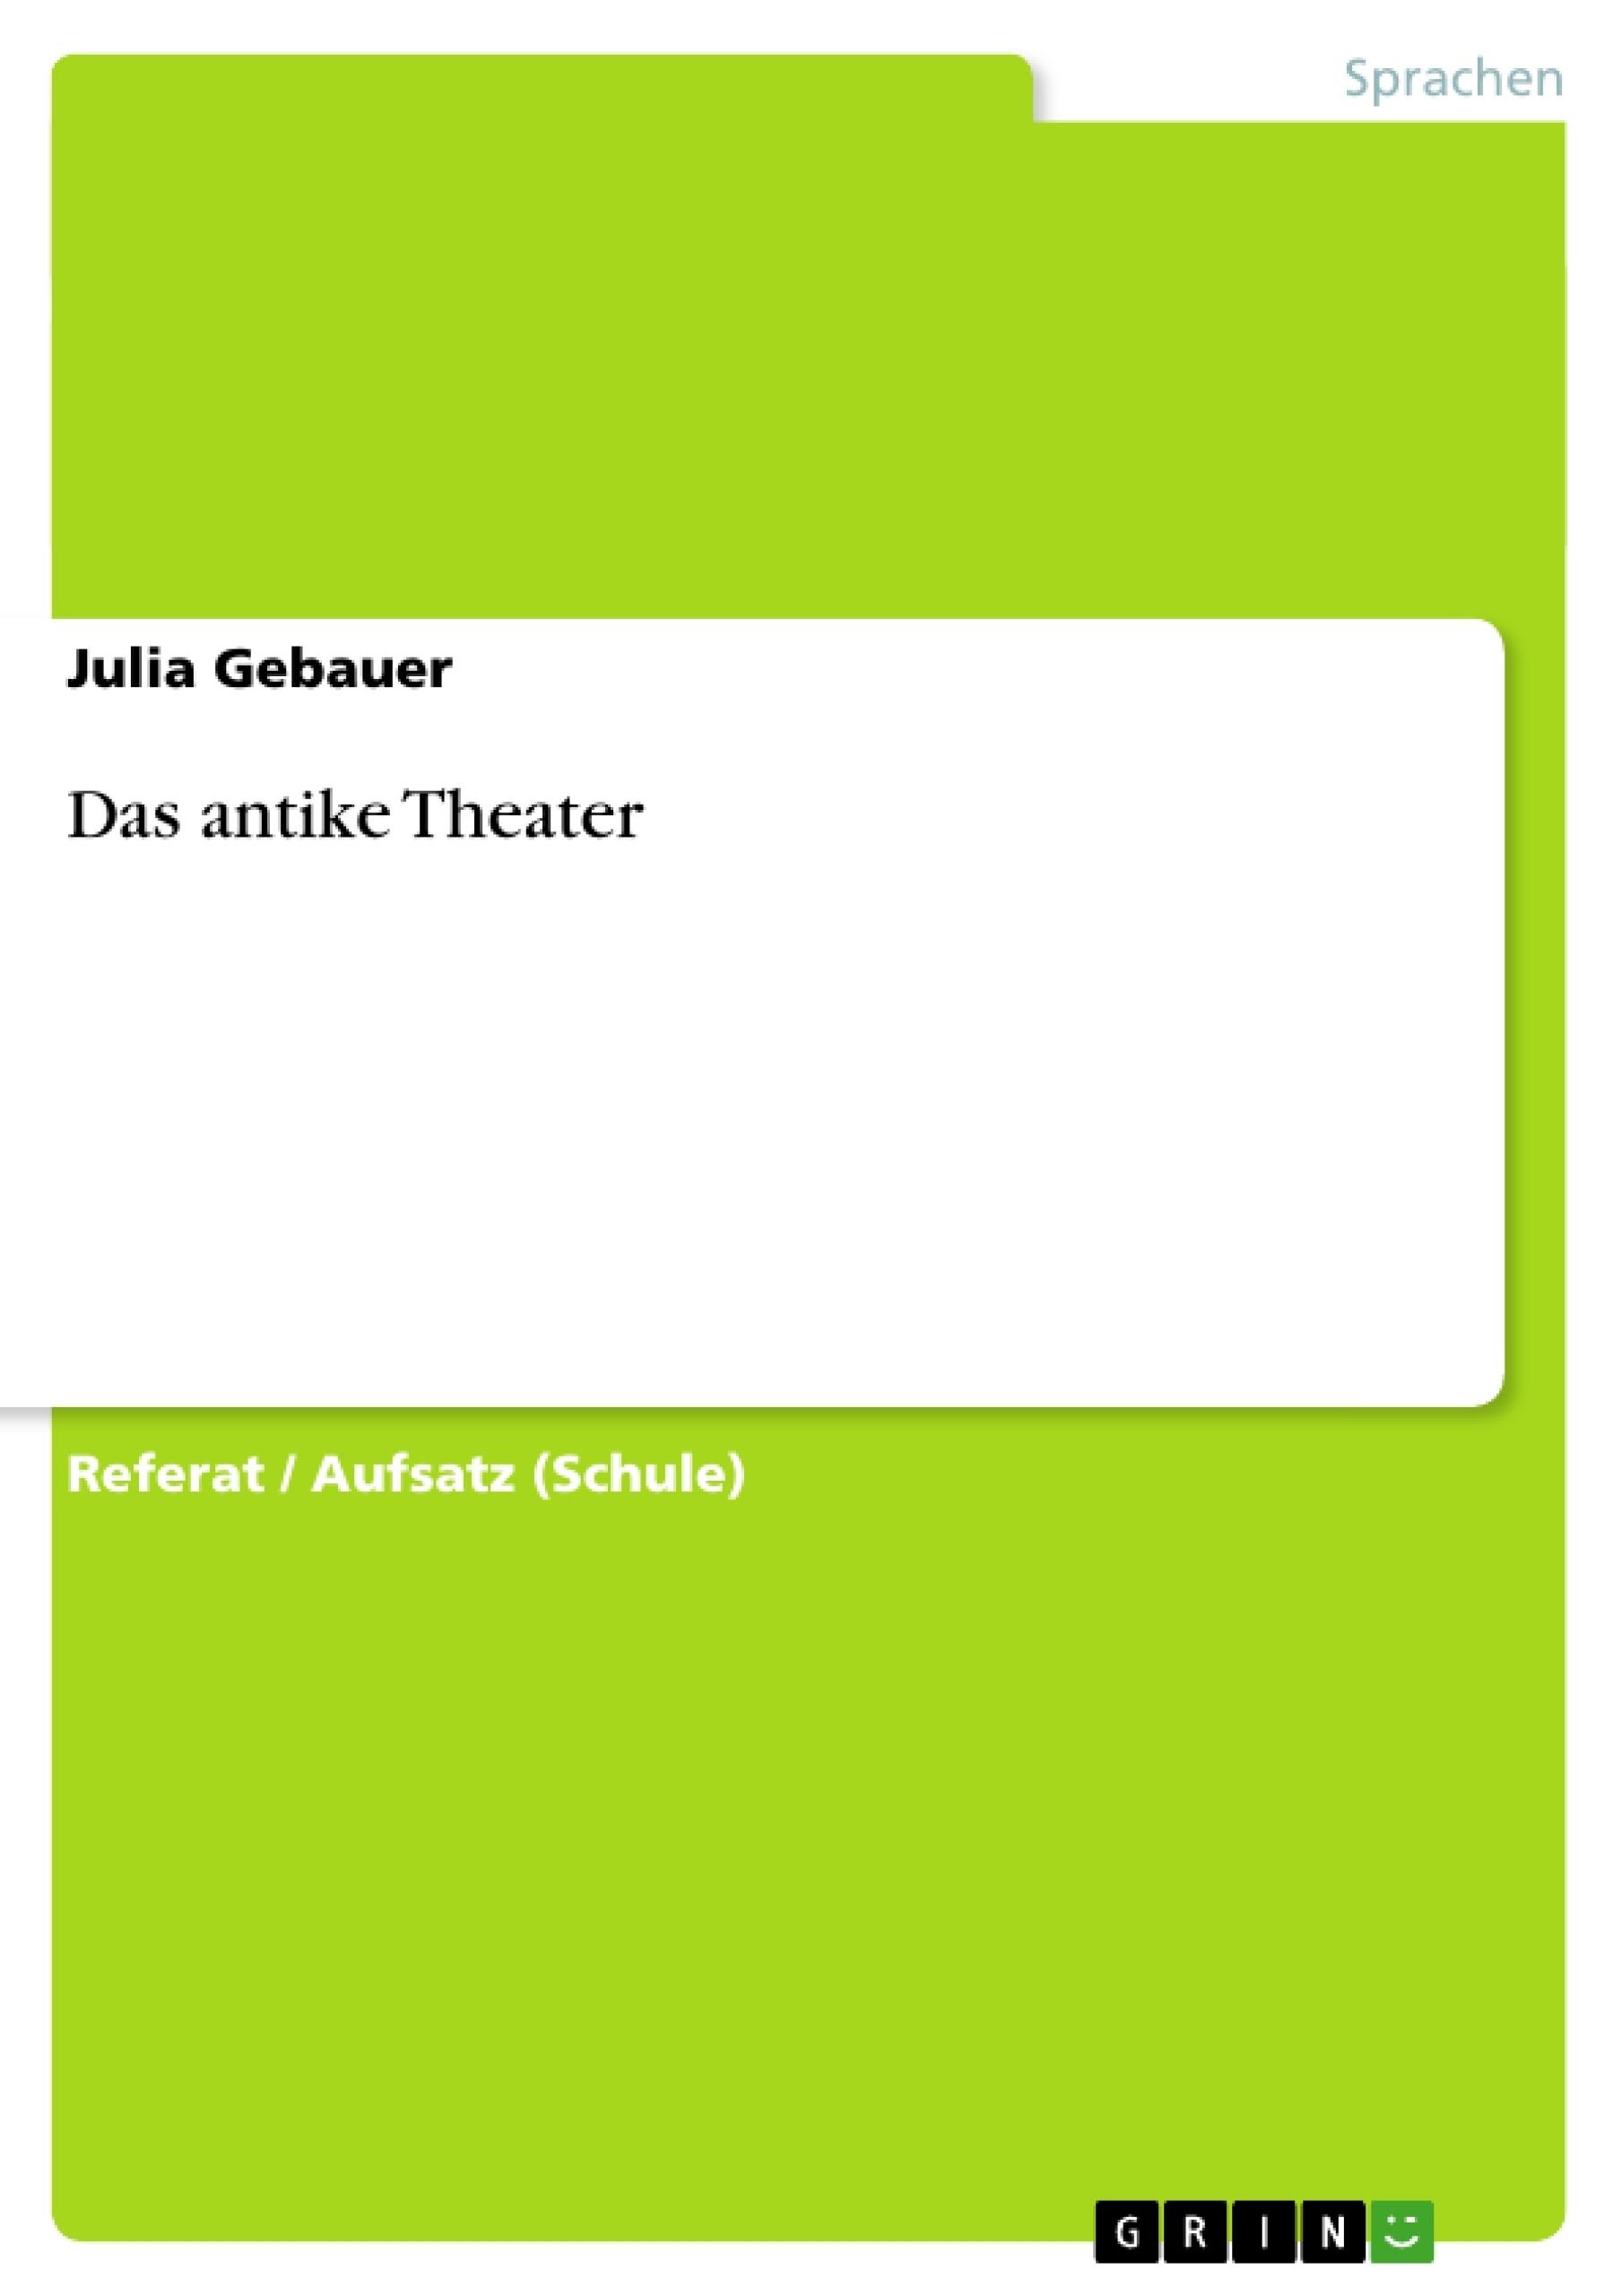 Titel: Das antike Theater